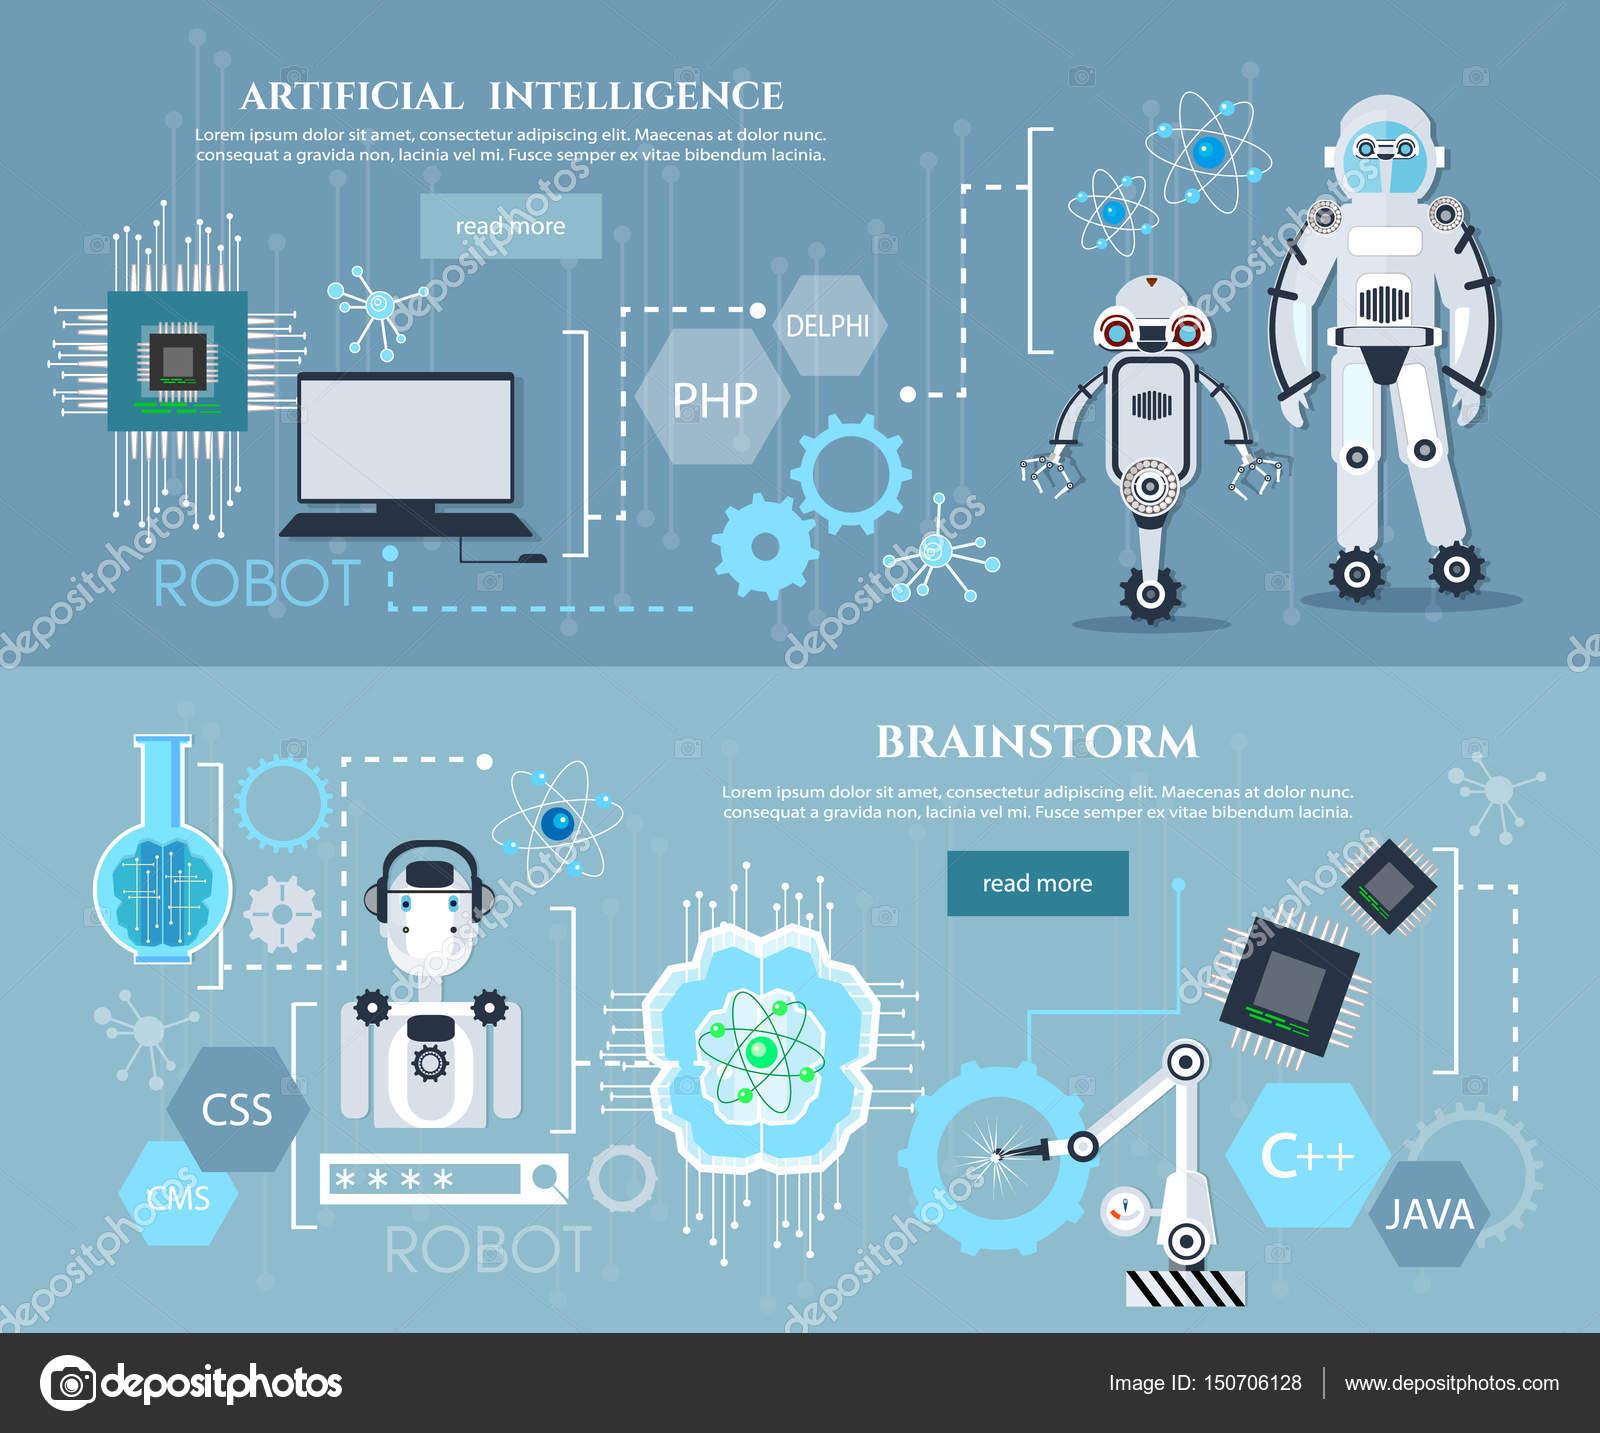 人工智能的机器人现代技术芯片发展未来技术矢量信息图表创建—